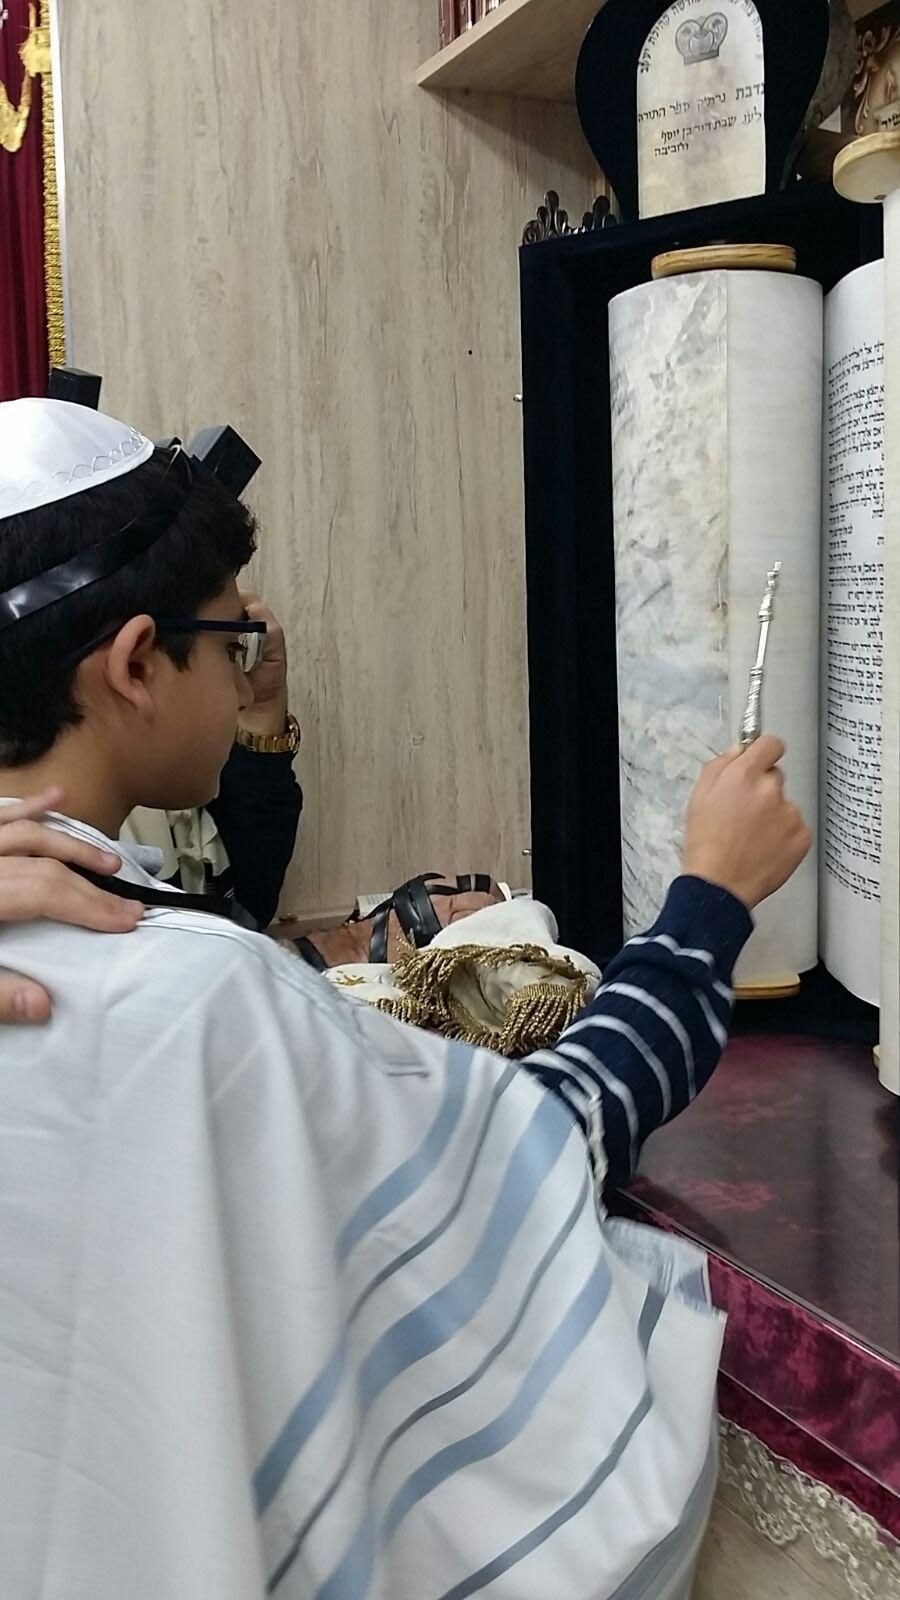 קובי בבית הכנסת חוגג בר מצווה